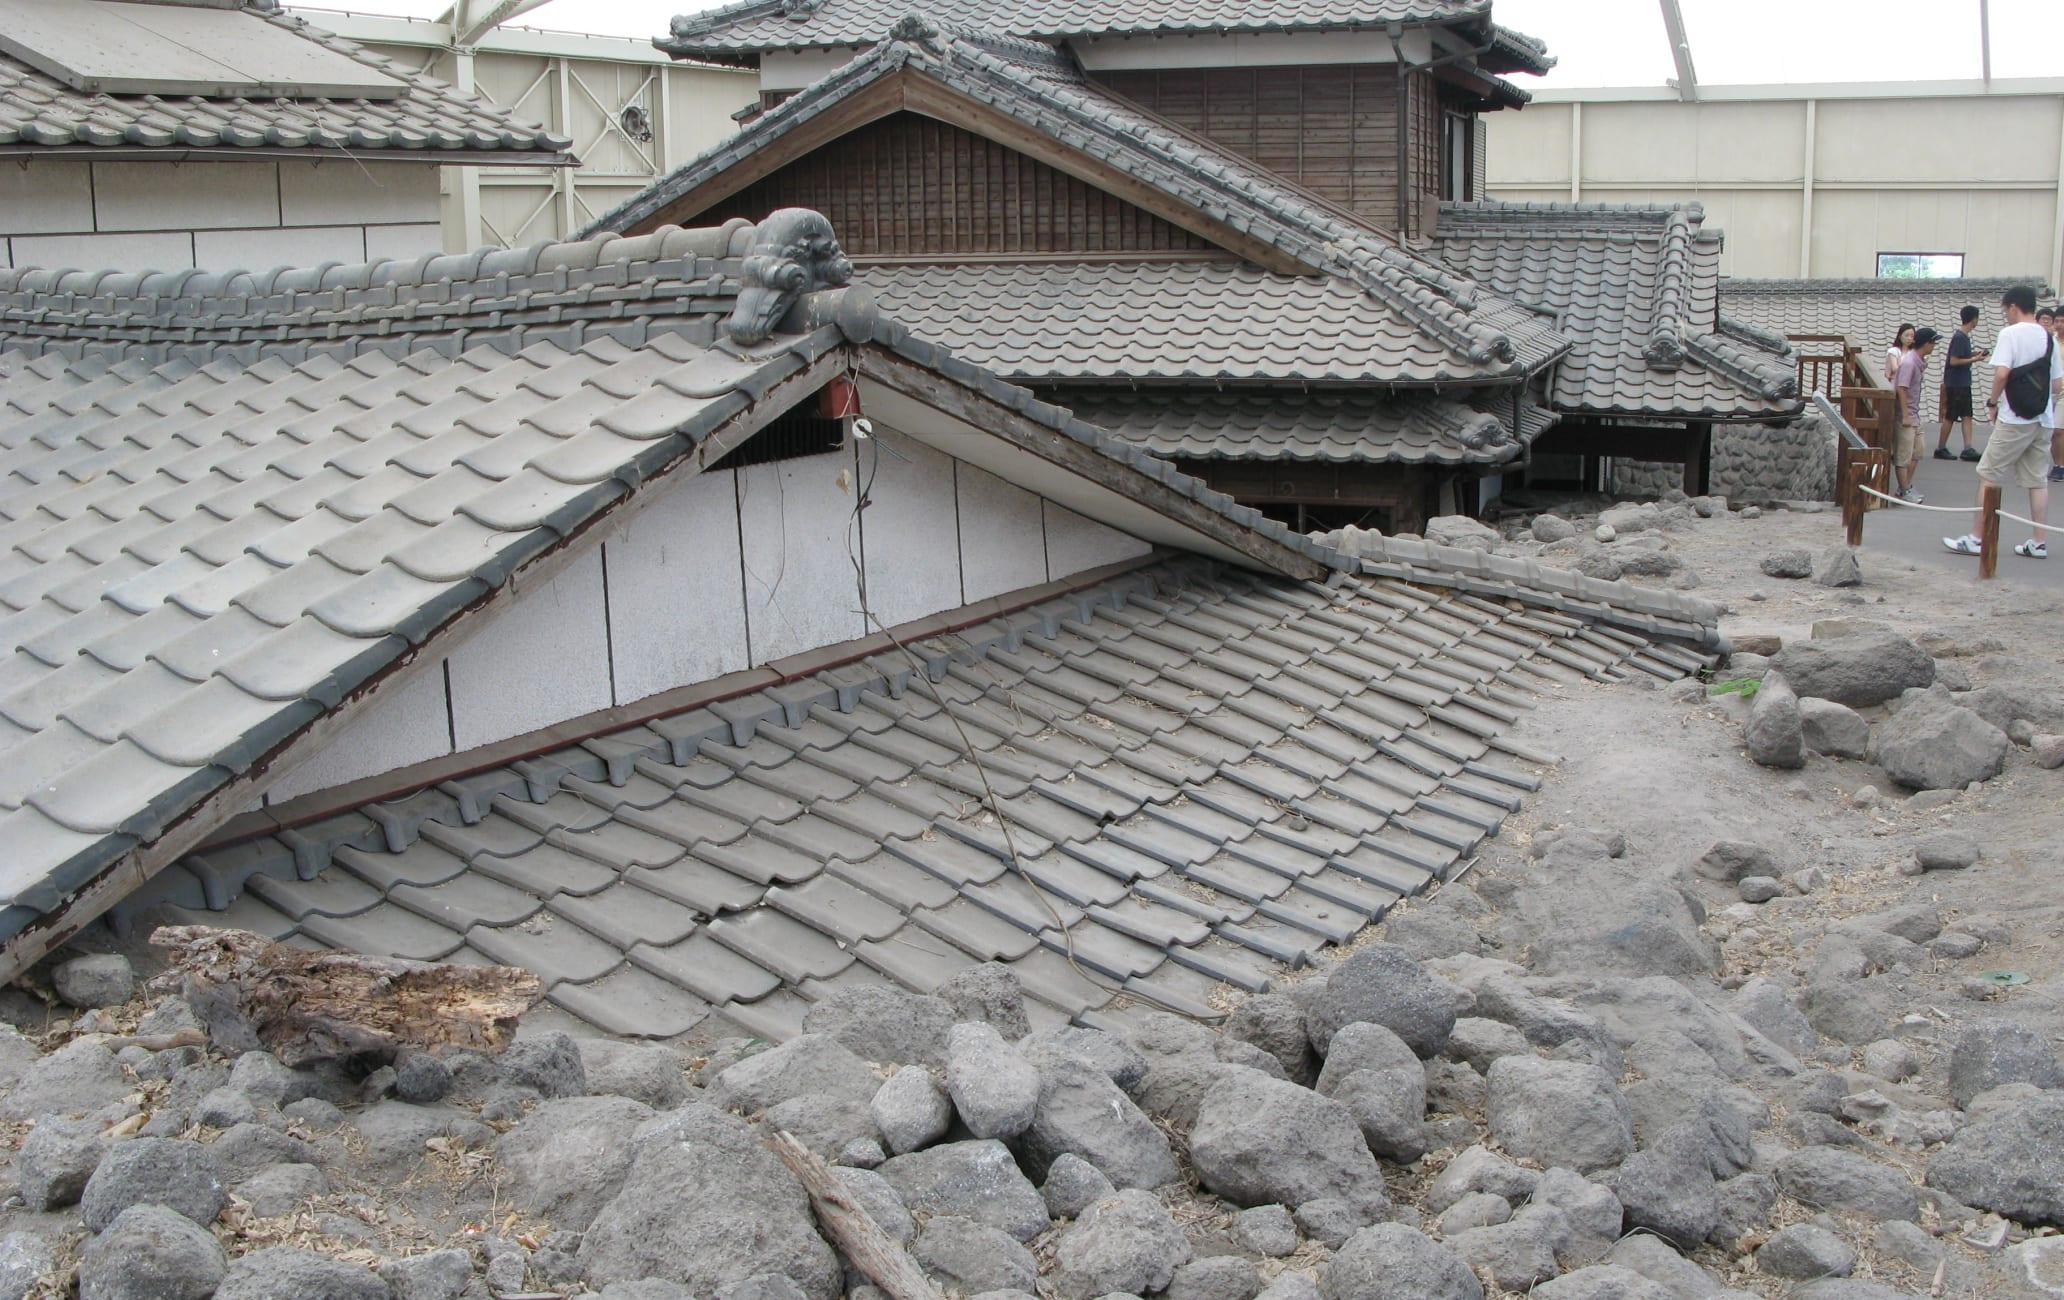 Mount Unzen Disaster Memorial Hall